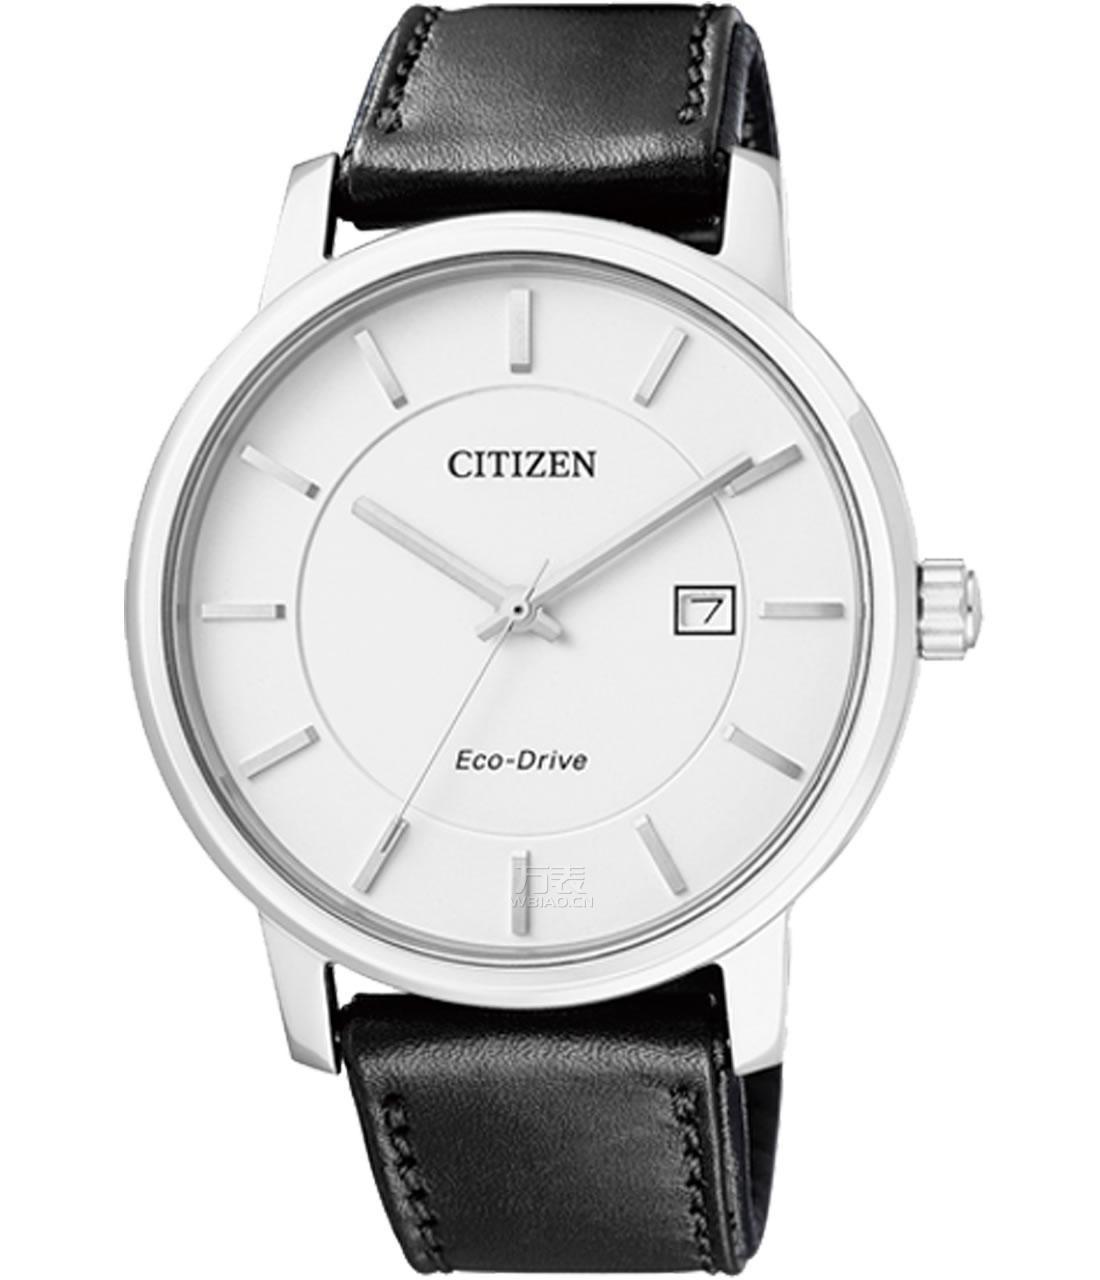 适合初入职场的日系男士手表:西铁城光动能表